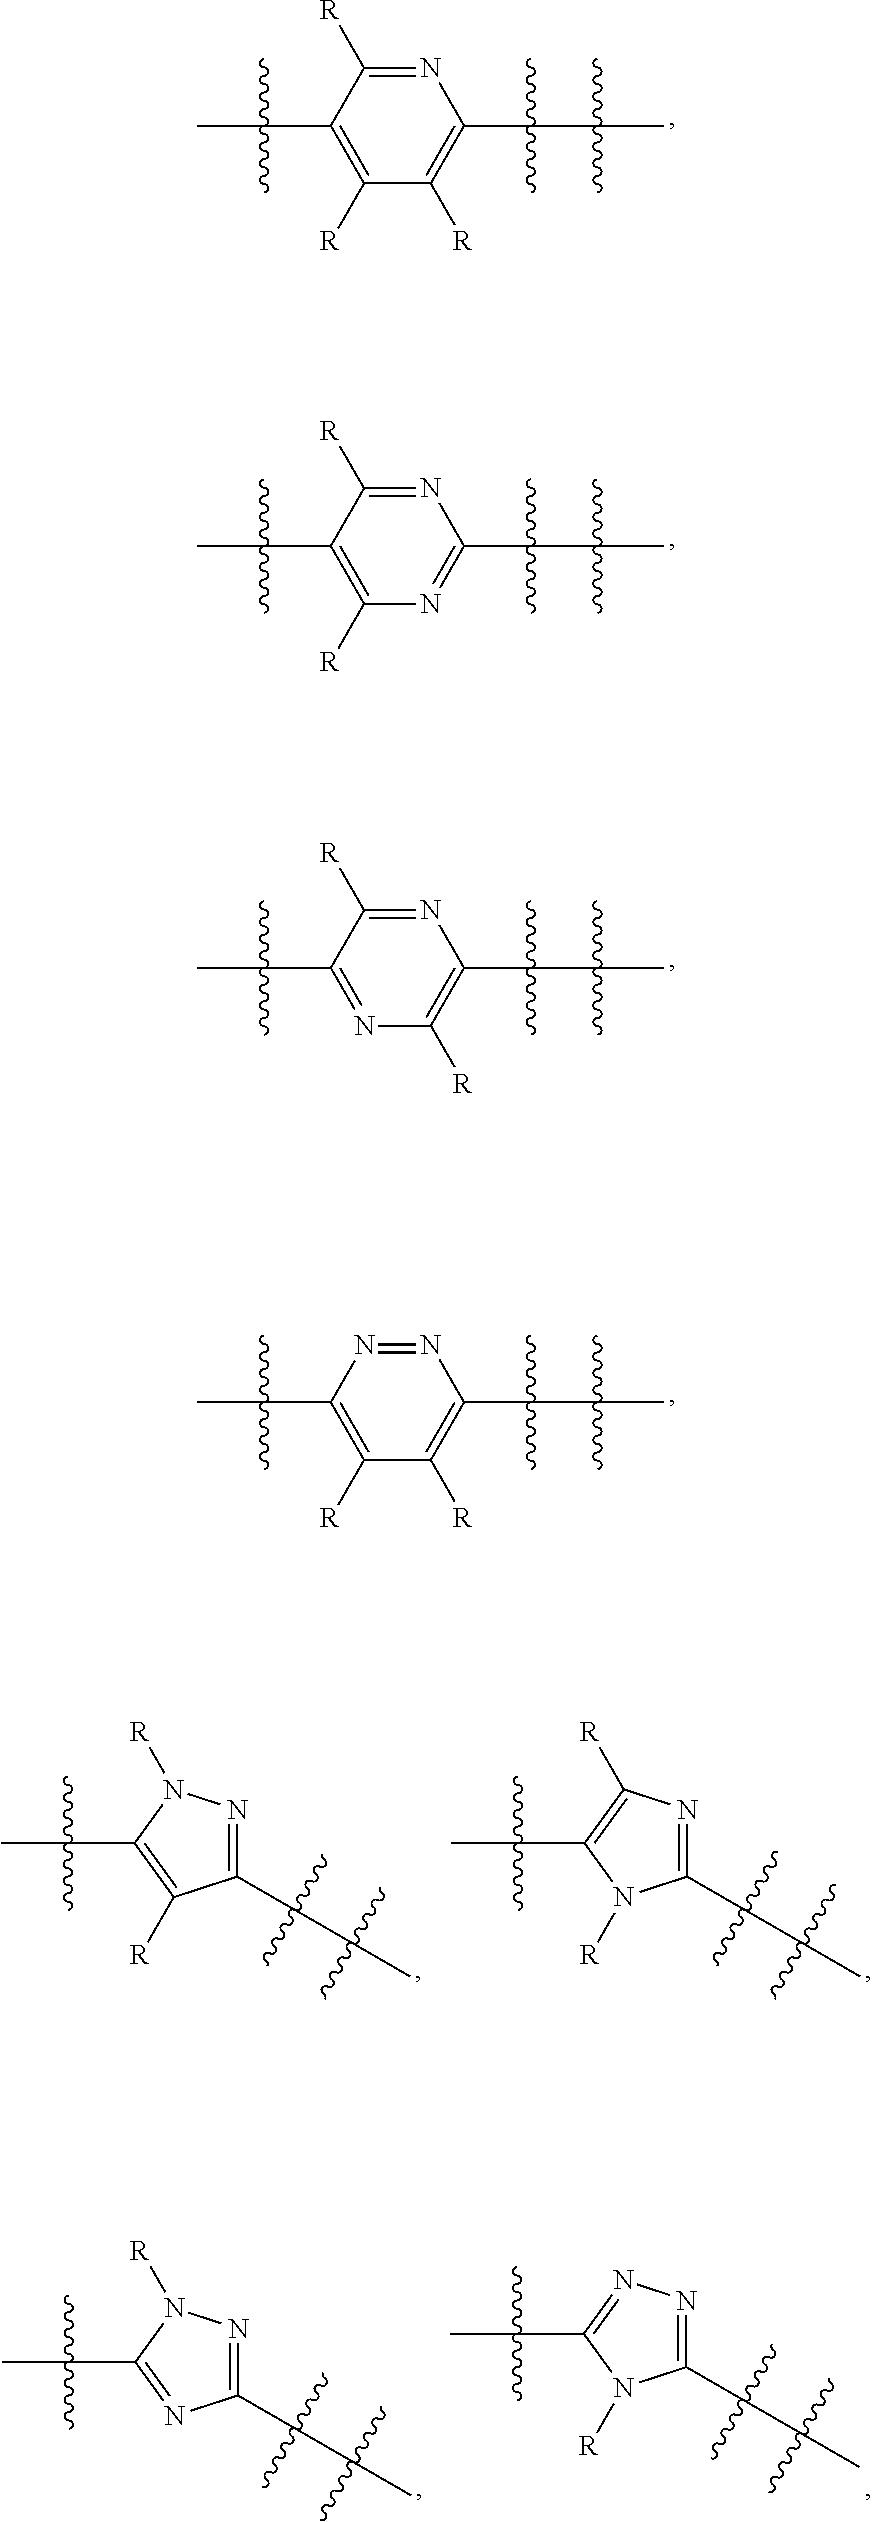 Figure US20110166174A1-20110707-C00009